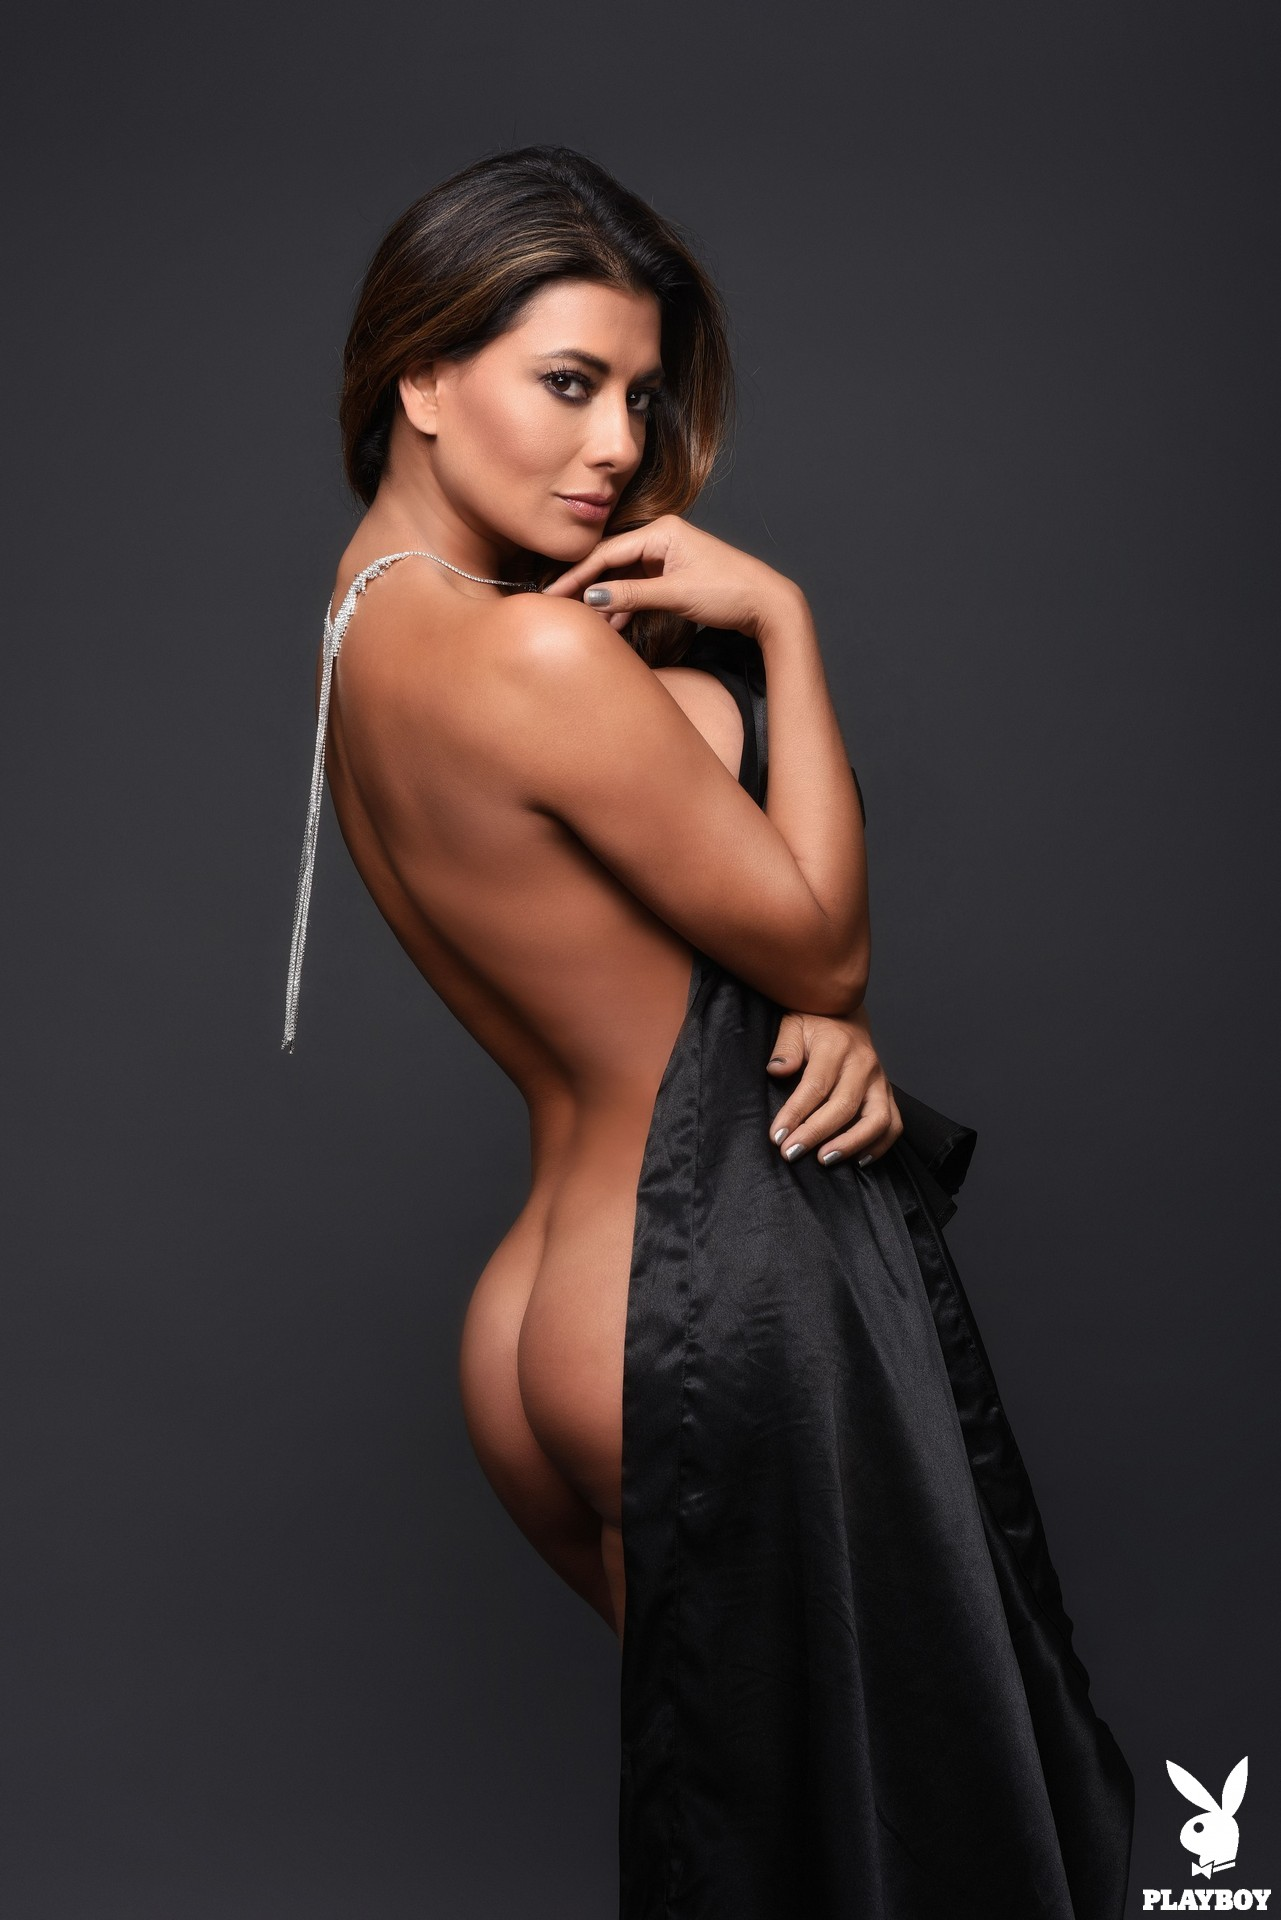 Viviana Castrillón in Playboy Mexico 8